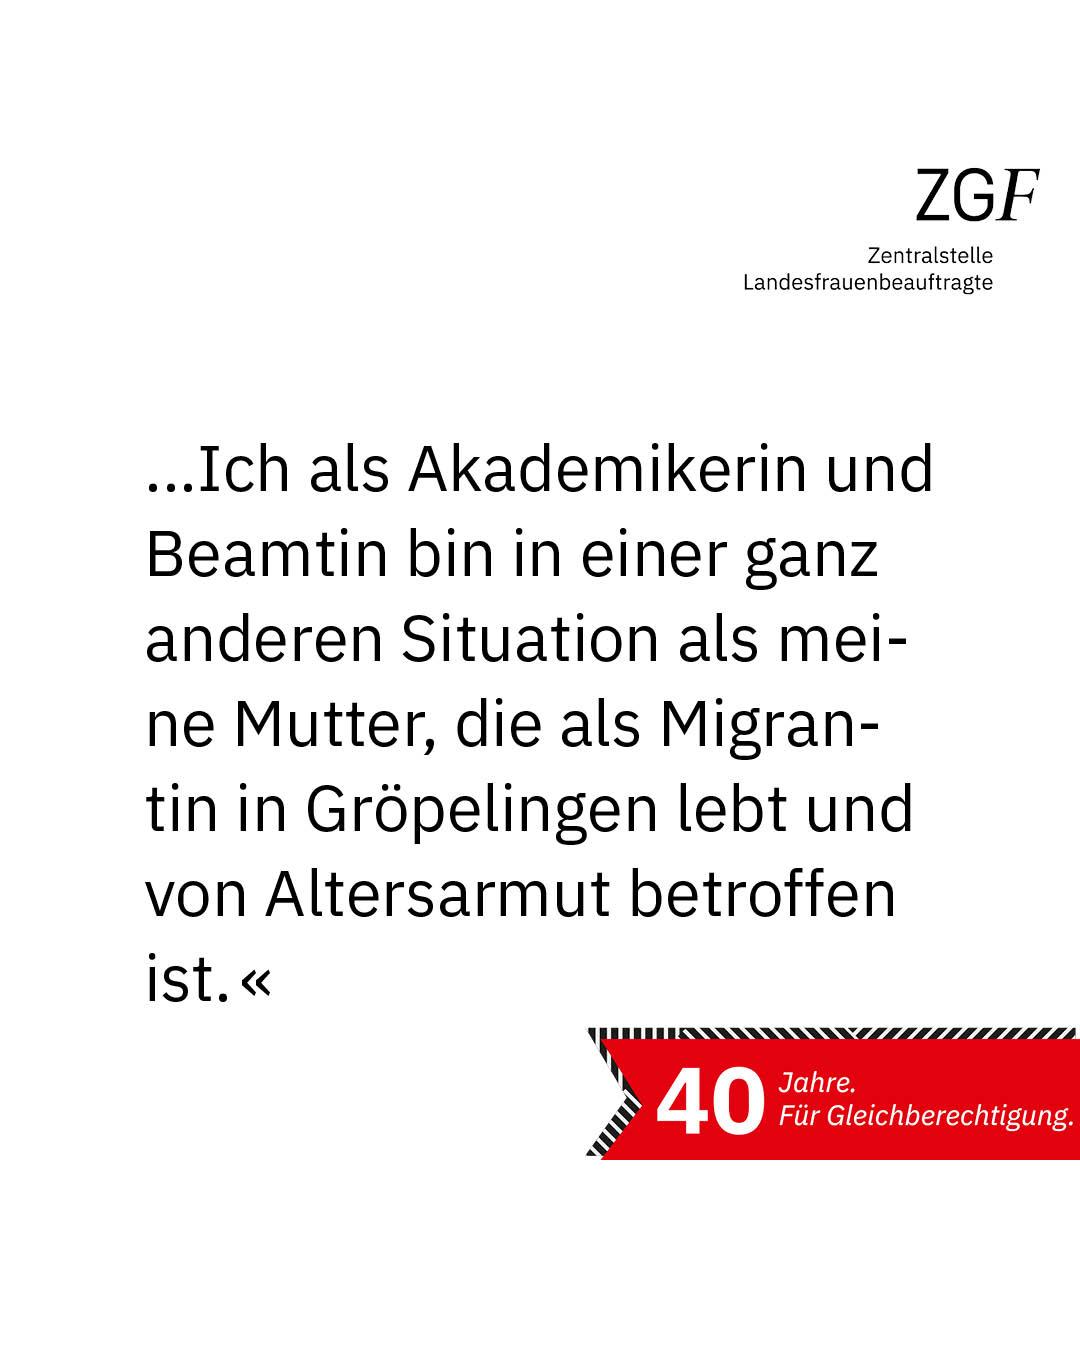 Gülcan Yoksulabakan-Üstüay, Referentin für Diversity, AFZ Bremen